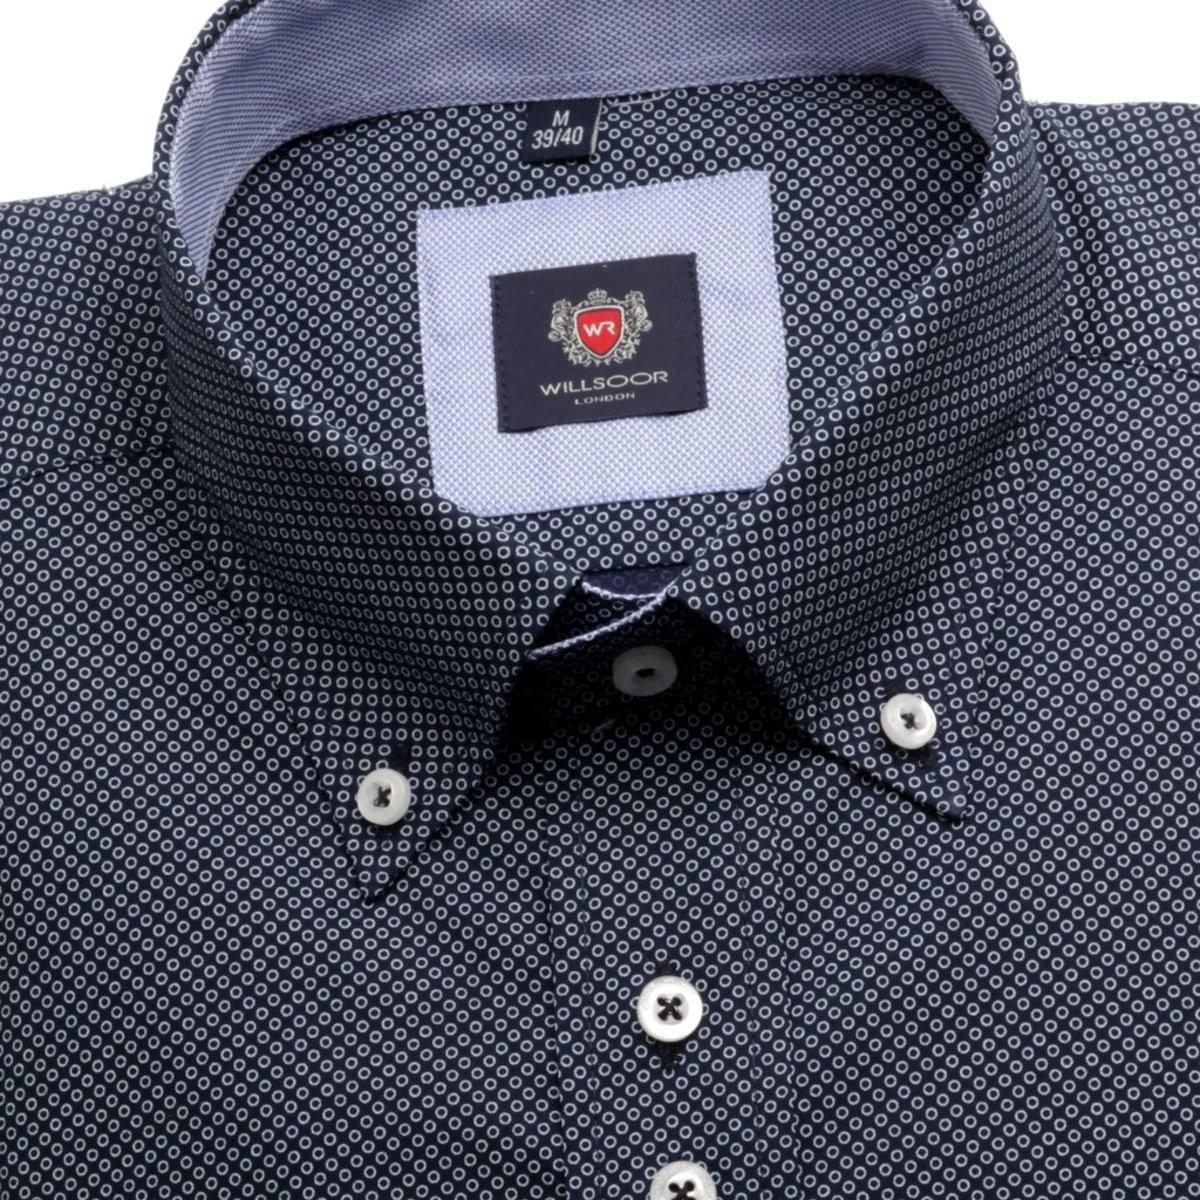 Košile WR London (výška 176-182)4183 176-182 / XL (43/44)